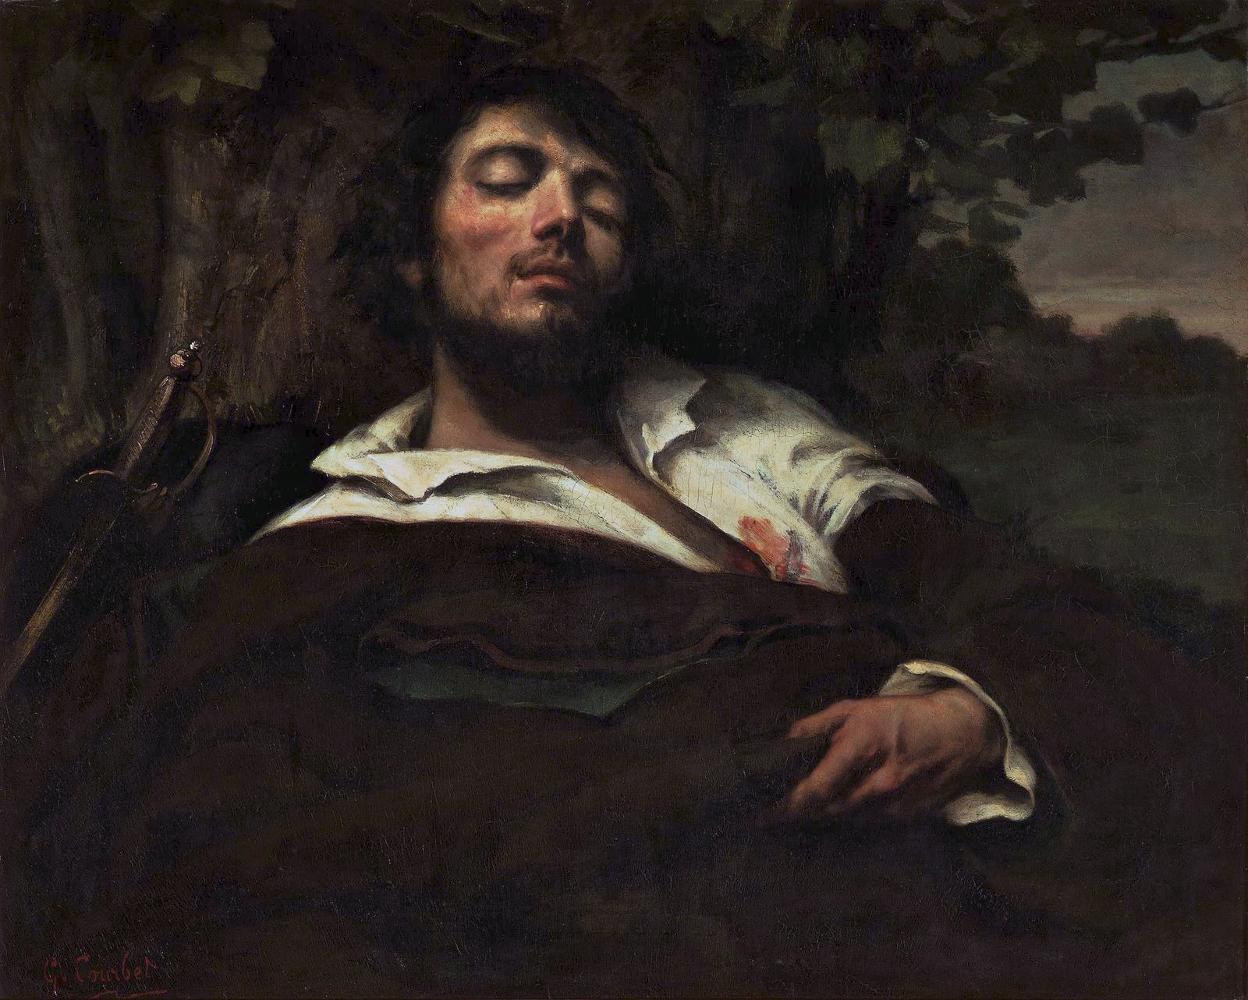 L'homme blessé_Courbet_ecomarche